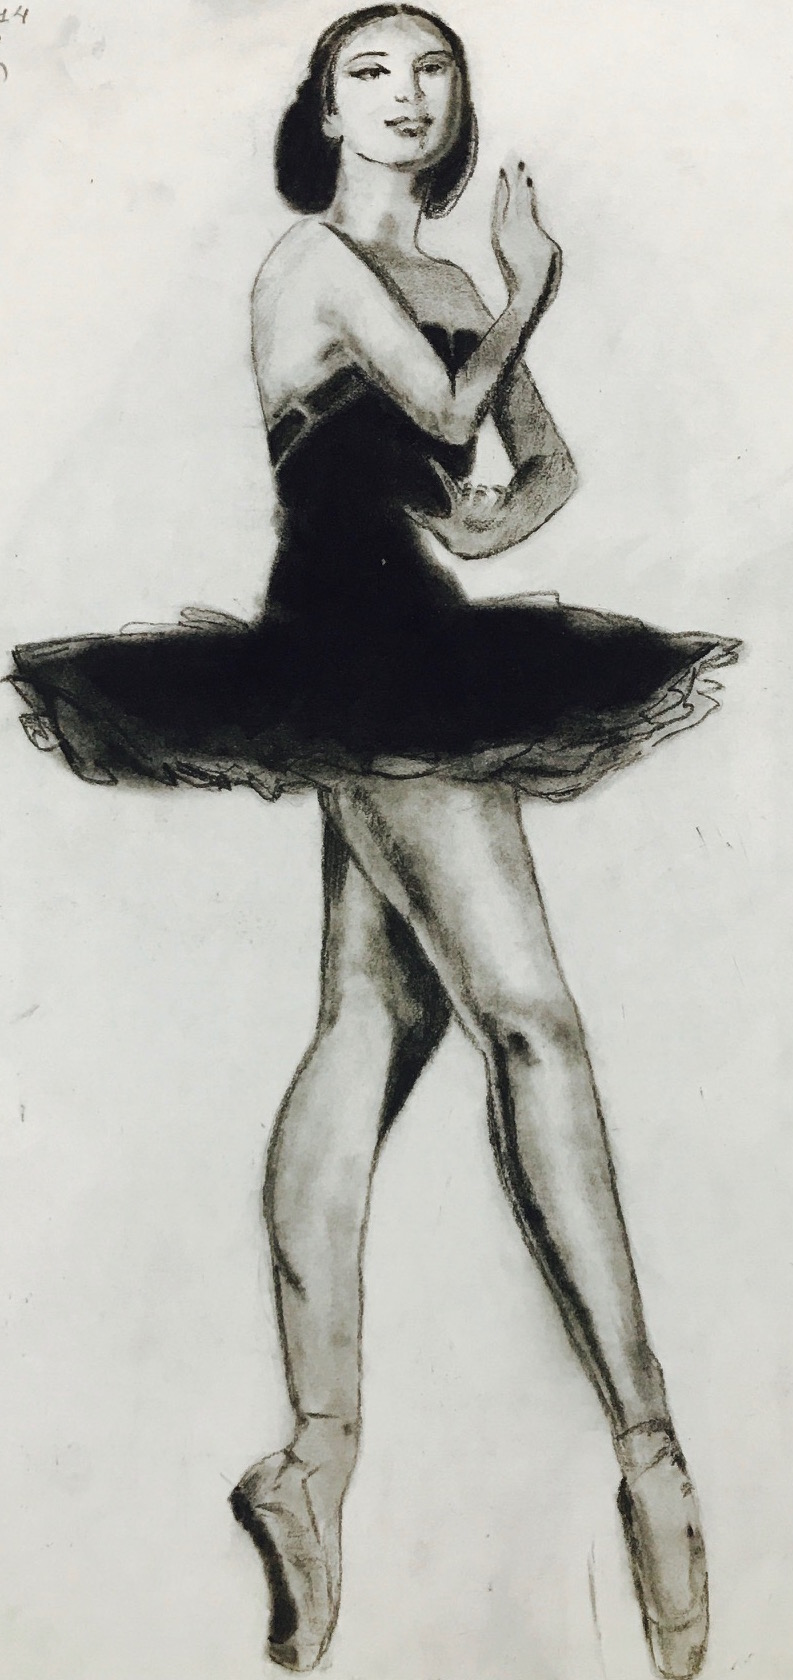 BALLET DANCER Charcoal Sketch art Pencil, art, ballet dance, charcoal, handmade, lady